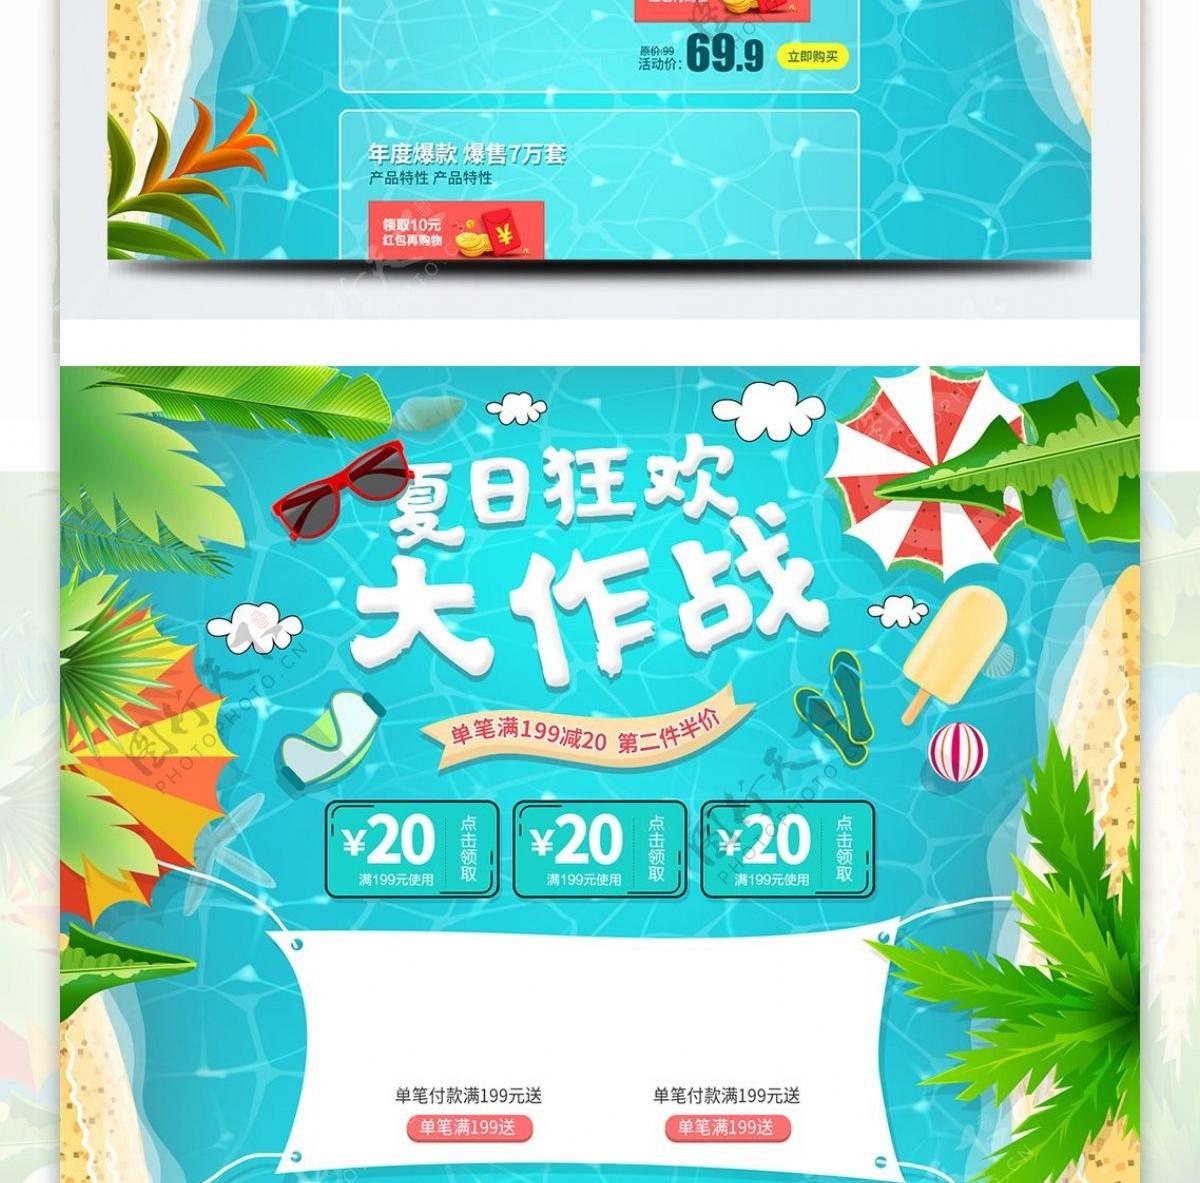 电商淘宝夏季狂暑季促销大作战椰树水波首页